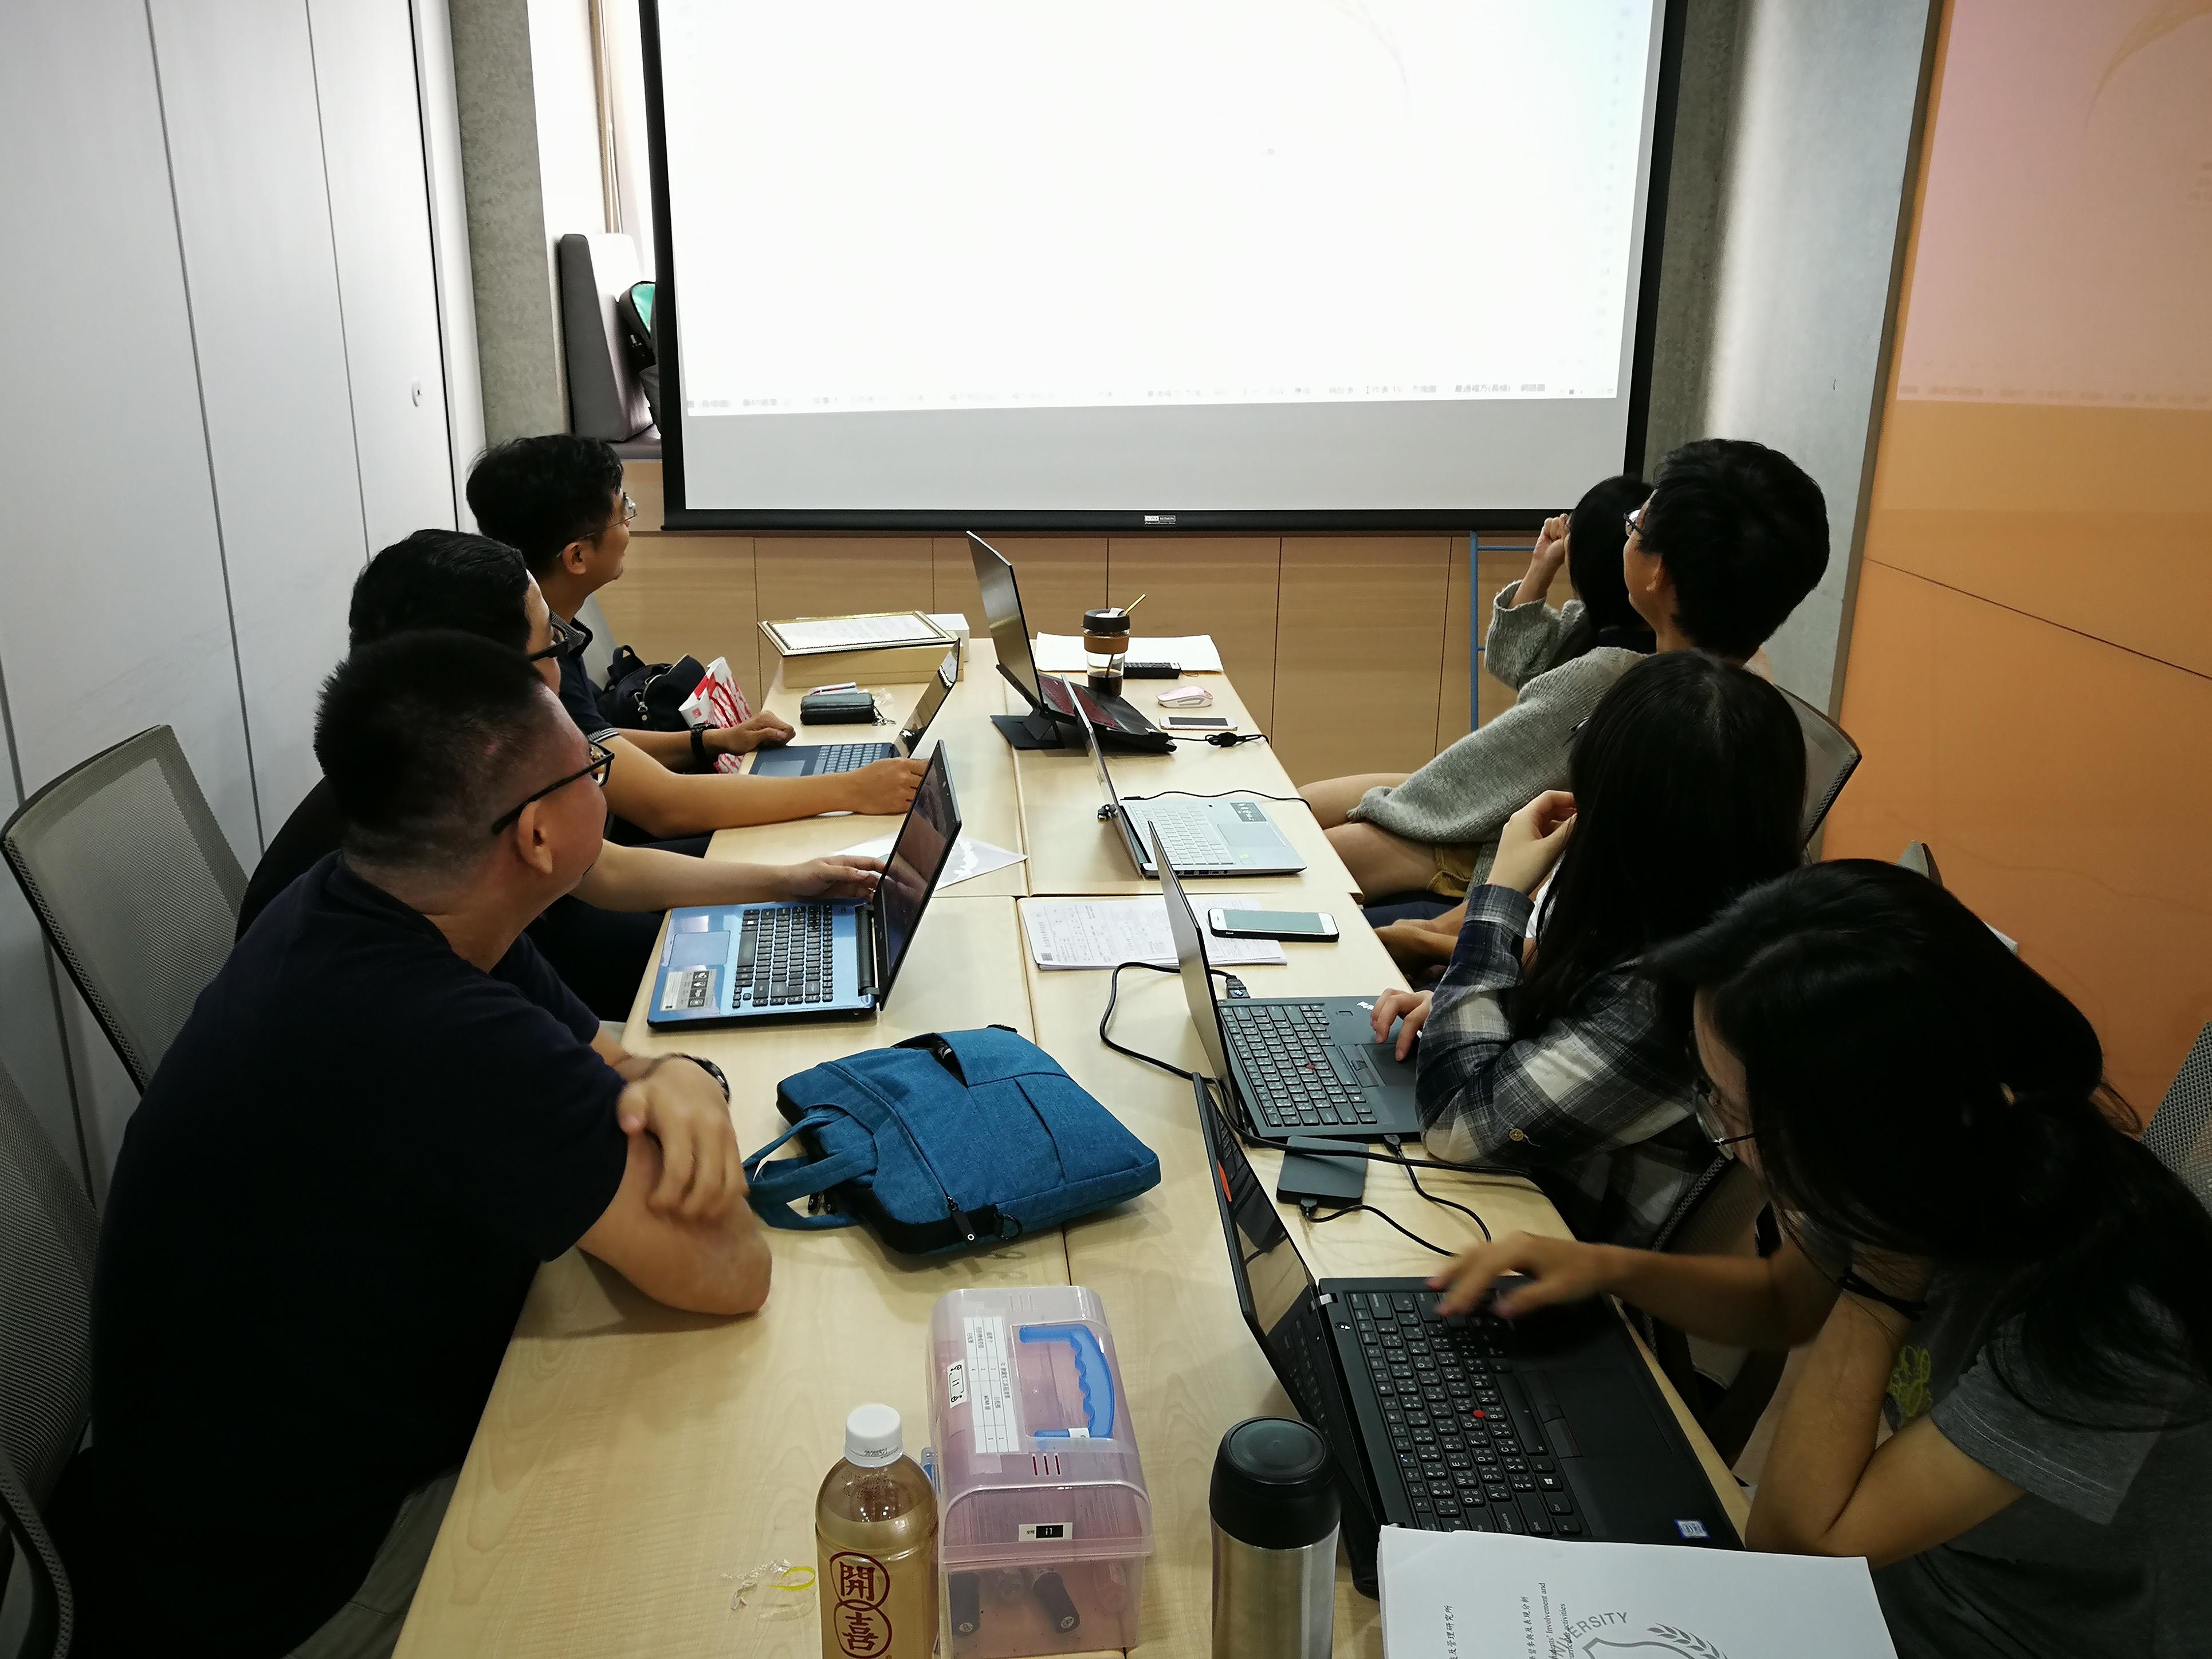 研發照片3_系統開發:北醫團隊使用Python和Tableau建立視覺化平台